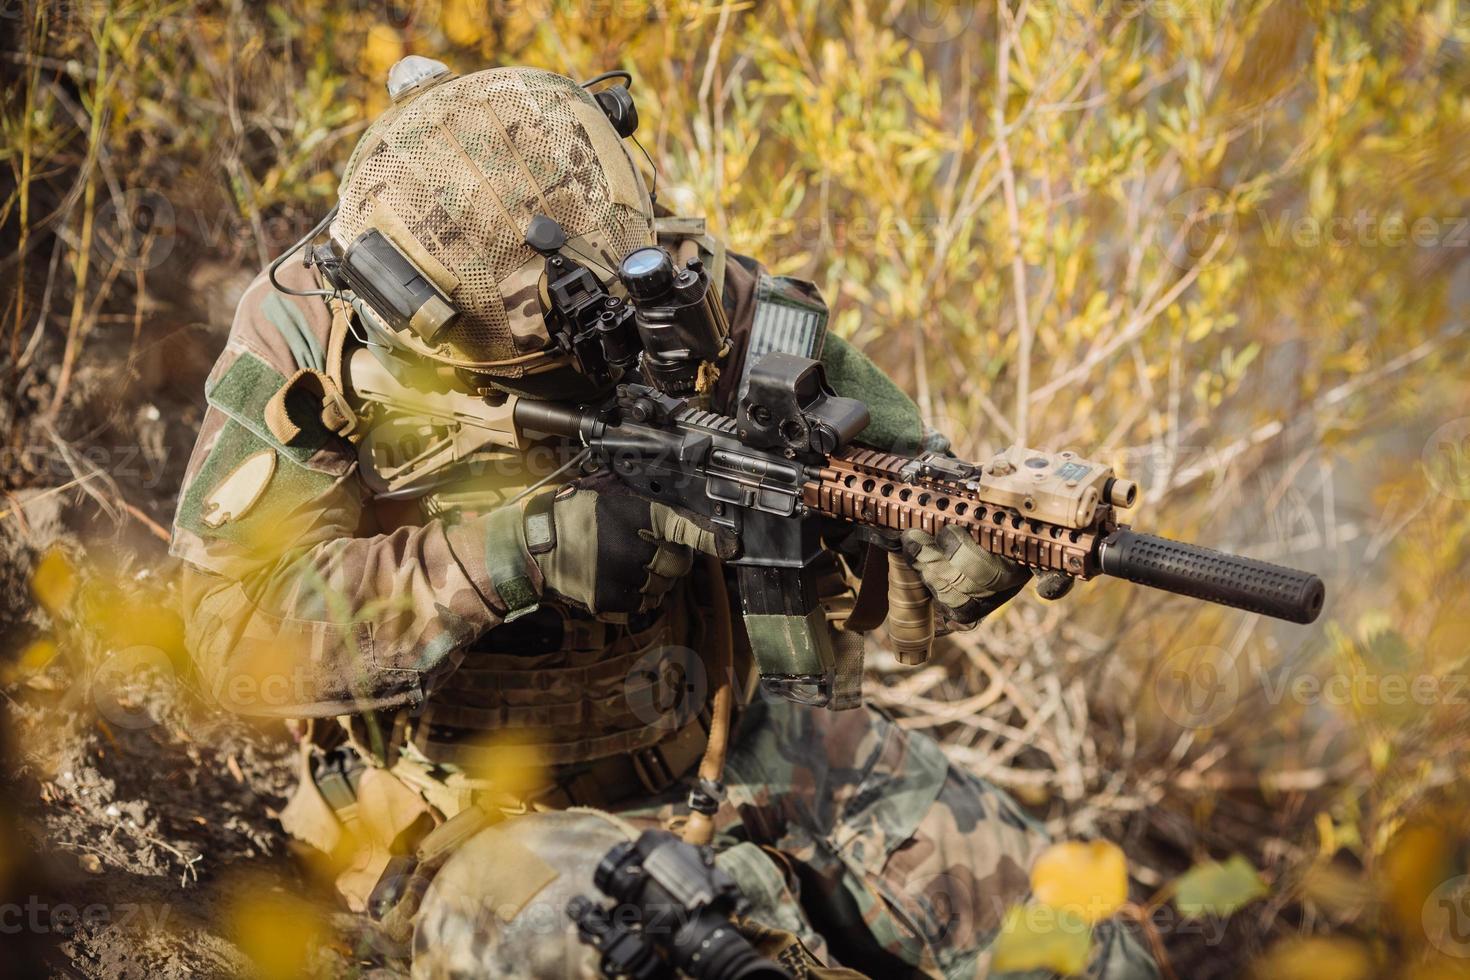 Soldatenteam, das auf ein Ziel von Waffen zielt foto